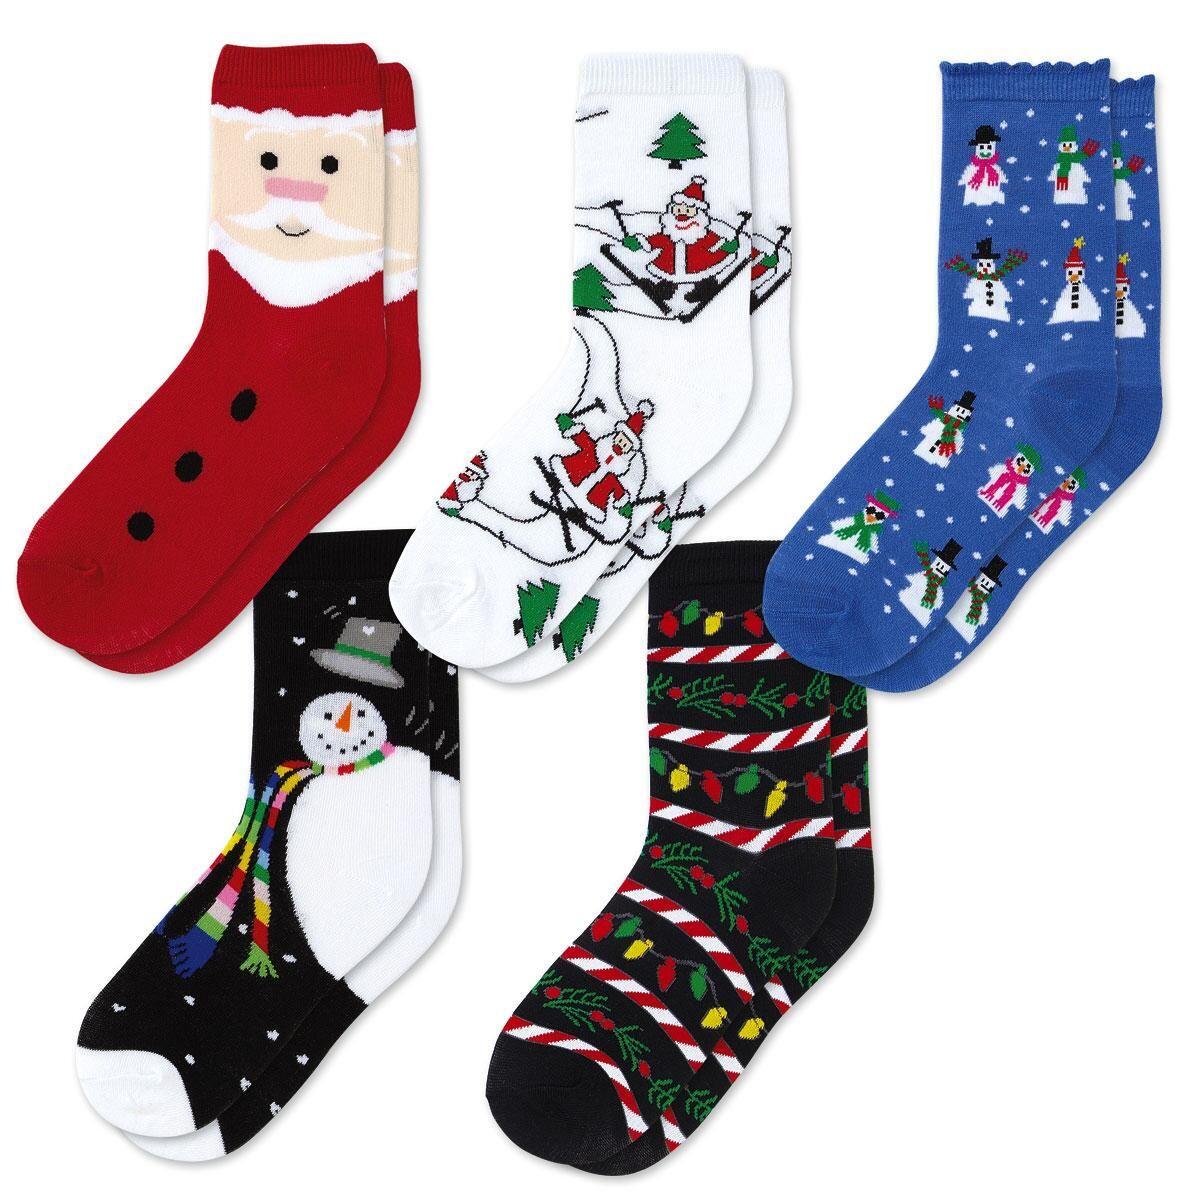 Accesorios de ropa navideña